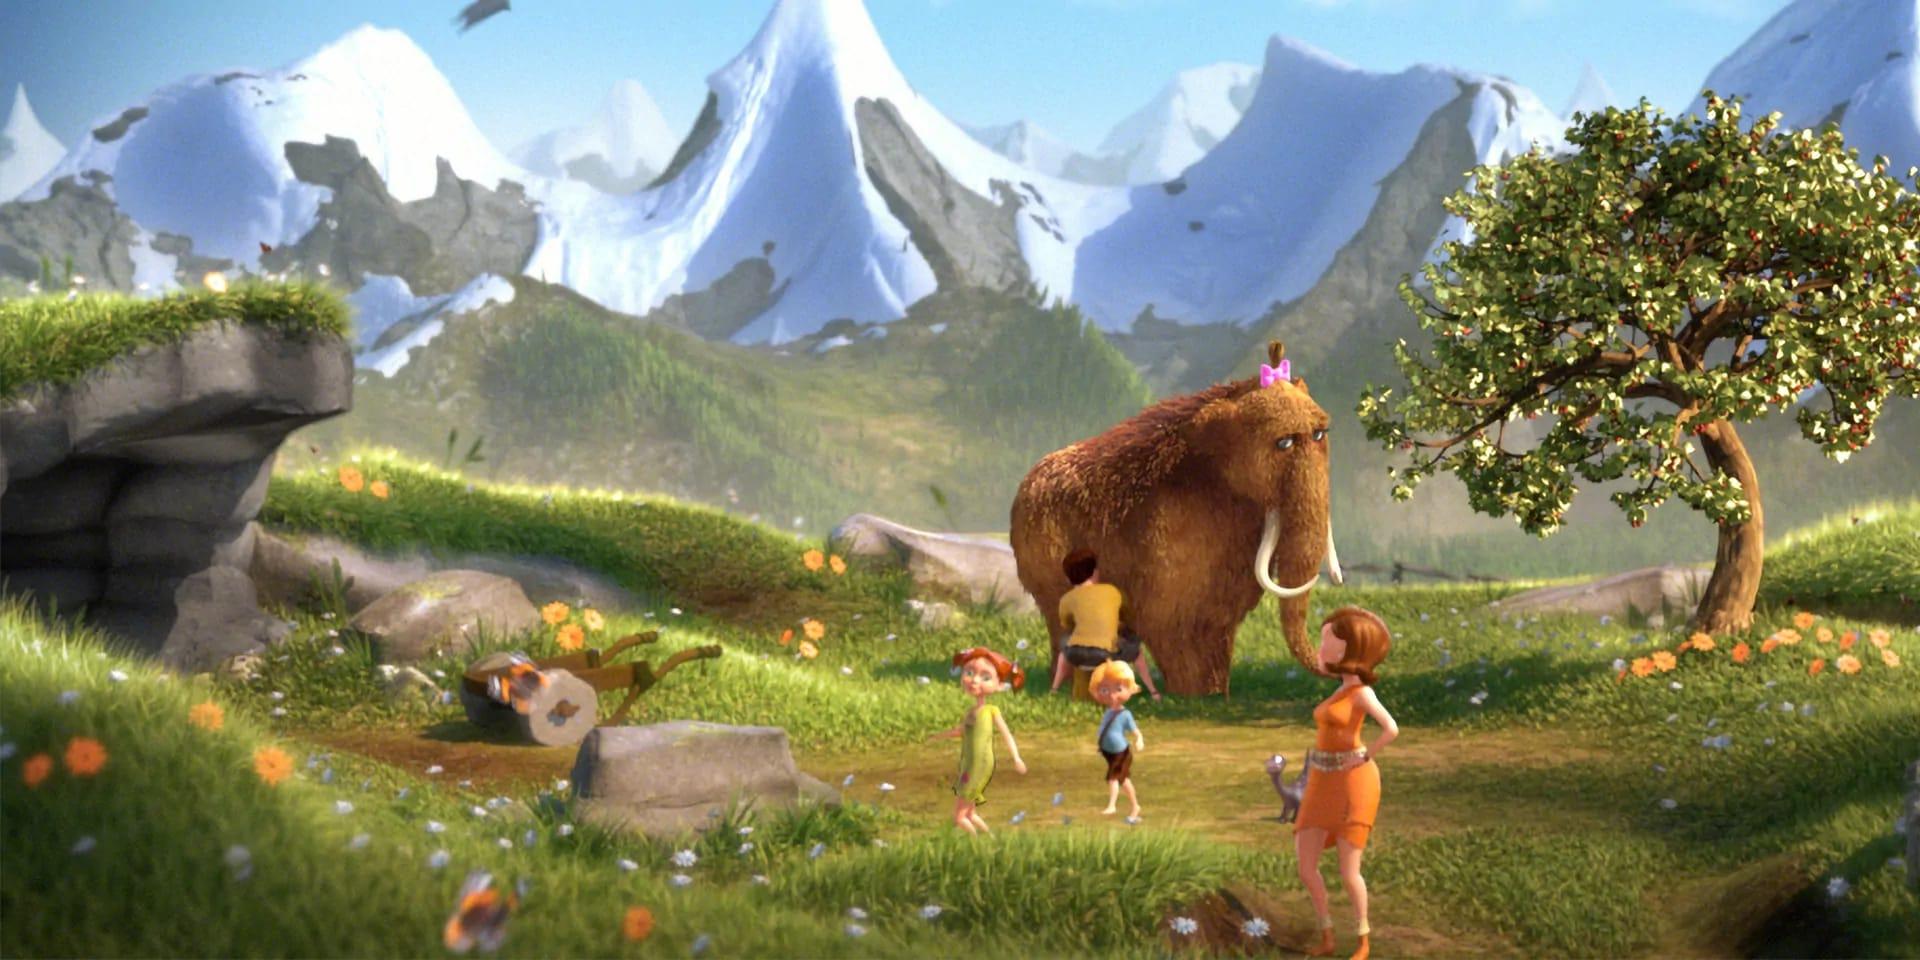 Mamut mit schöner Landschaft